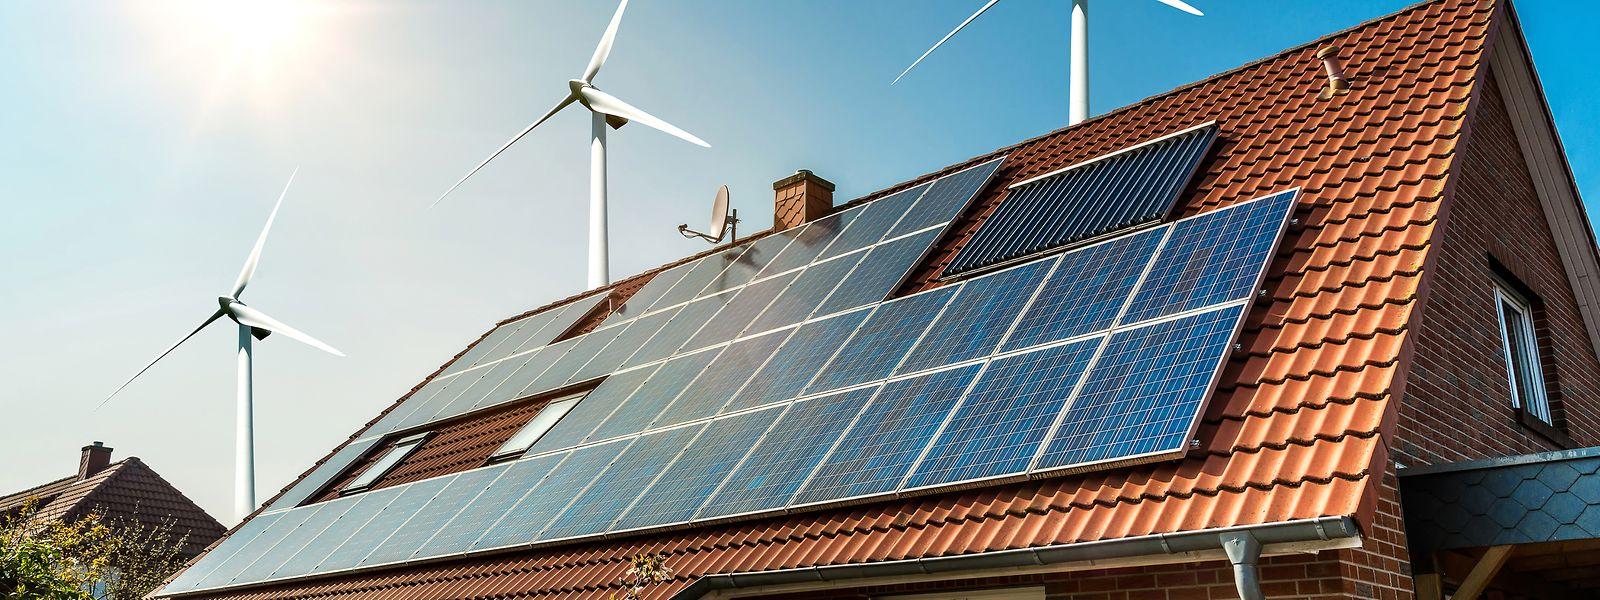 La part d'éolien et de photovoltaïque stagne depuis une année au Luxembourg.